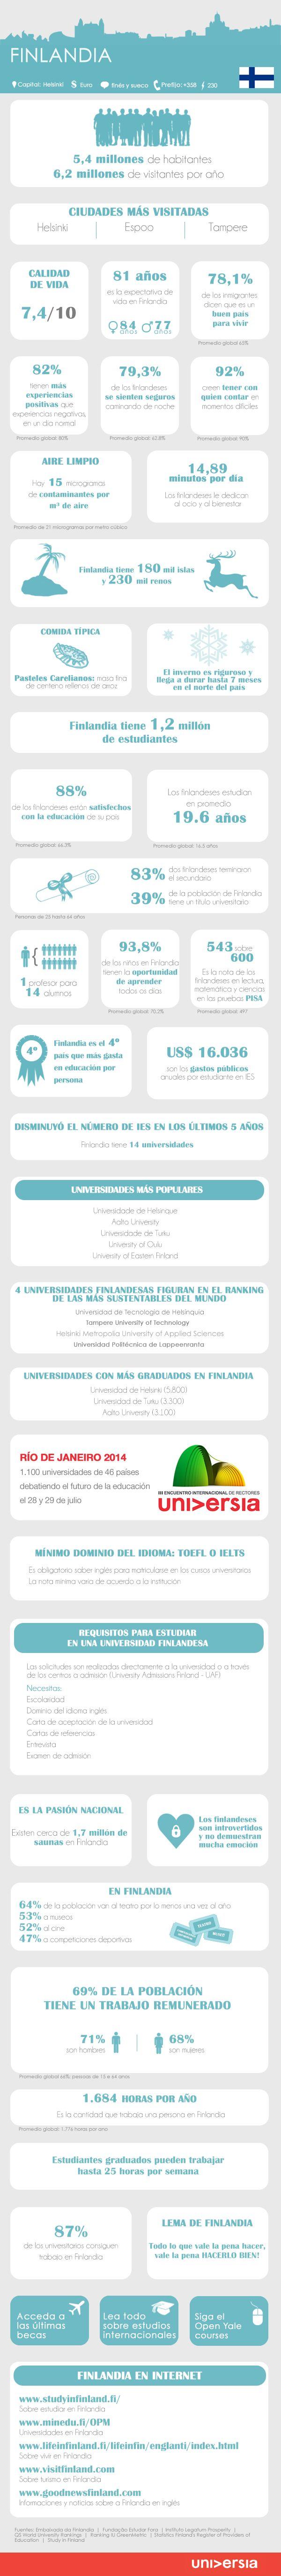 Infografía: más de 30 curiosidades sobre Finlandia que debes saber antes de viajar por trabajo o estudio